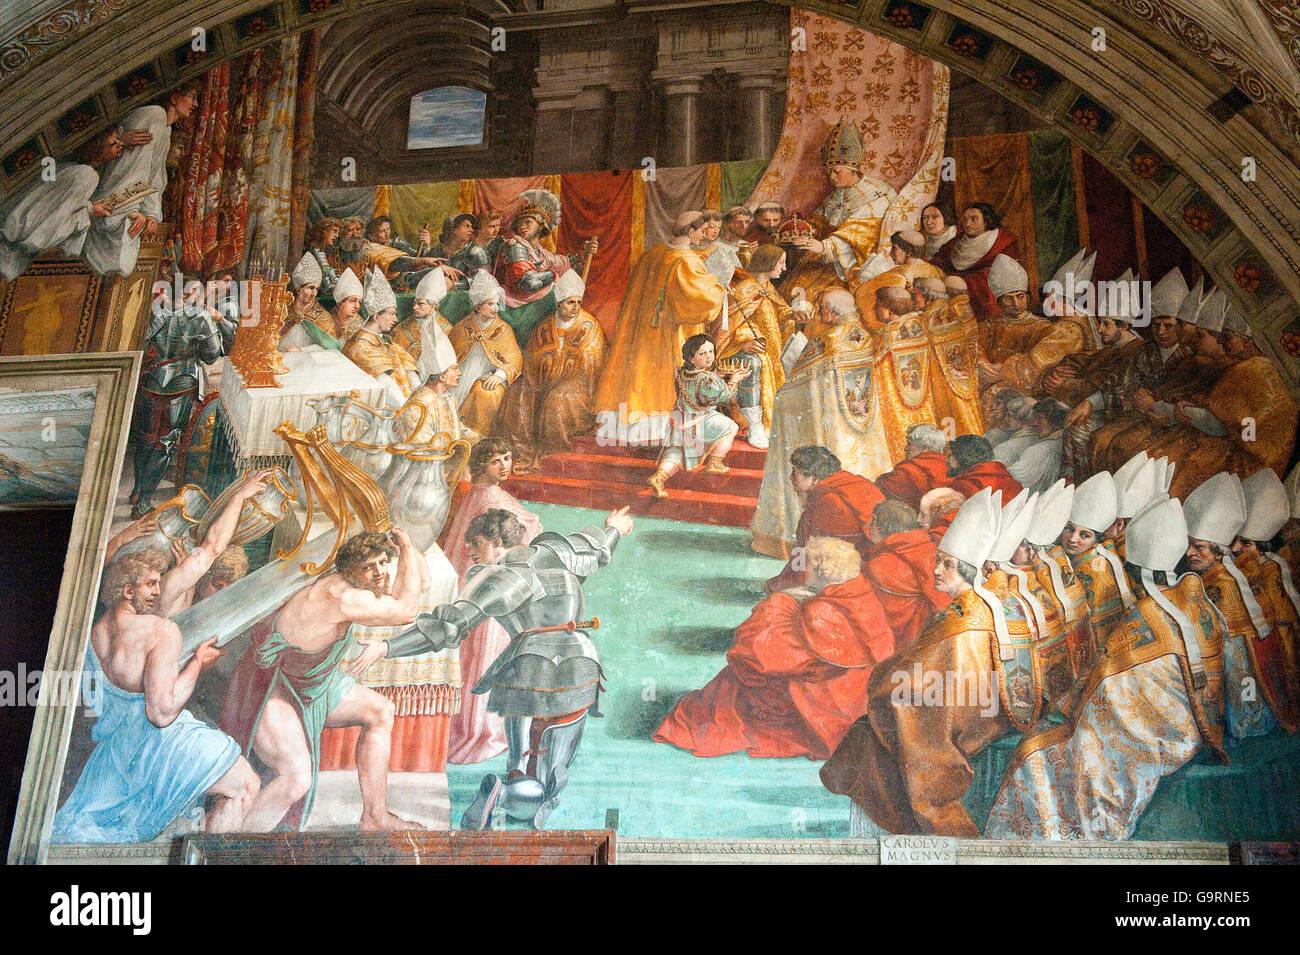 la peinture du couronnement de charlemagne par rapha l fresco prix d 39 incendie borgo fresco. Black Bedroom Furniture Sets. Home Design Ideas